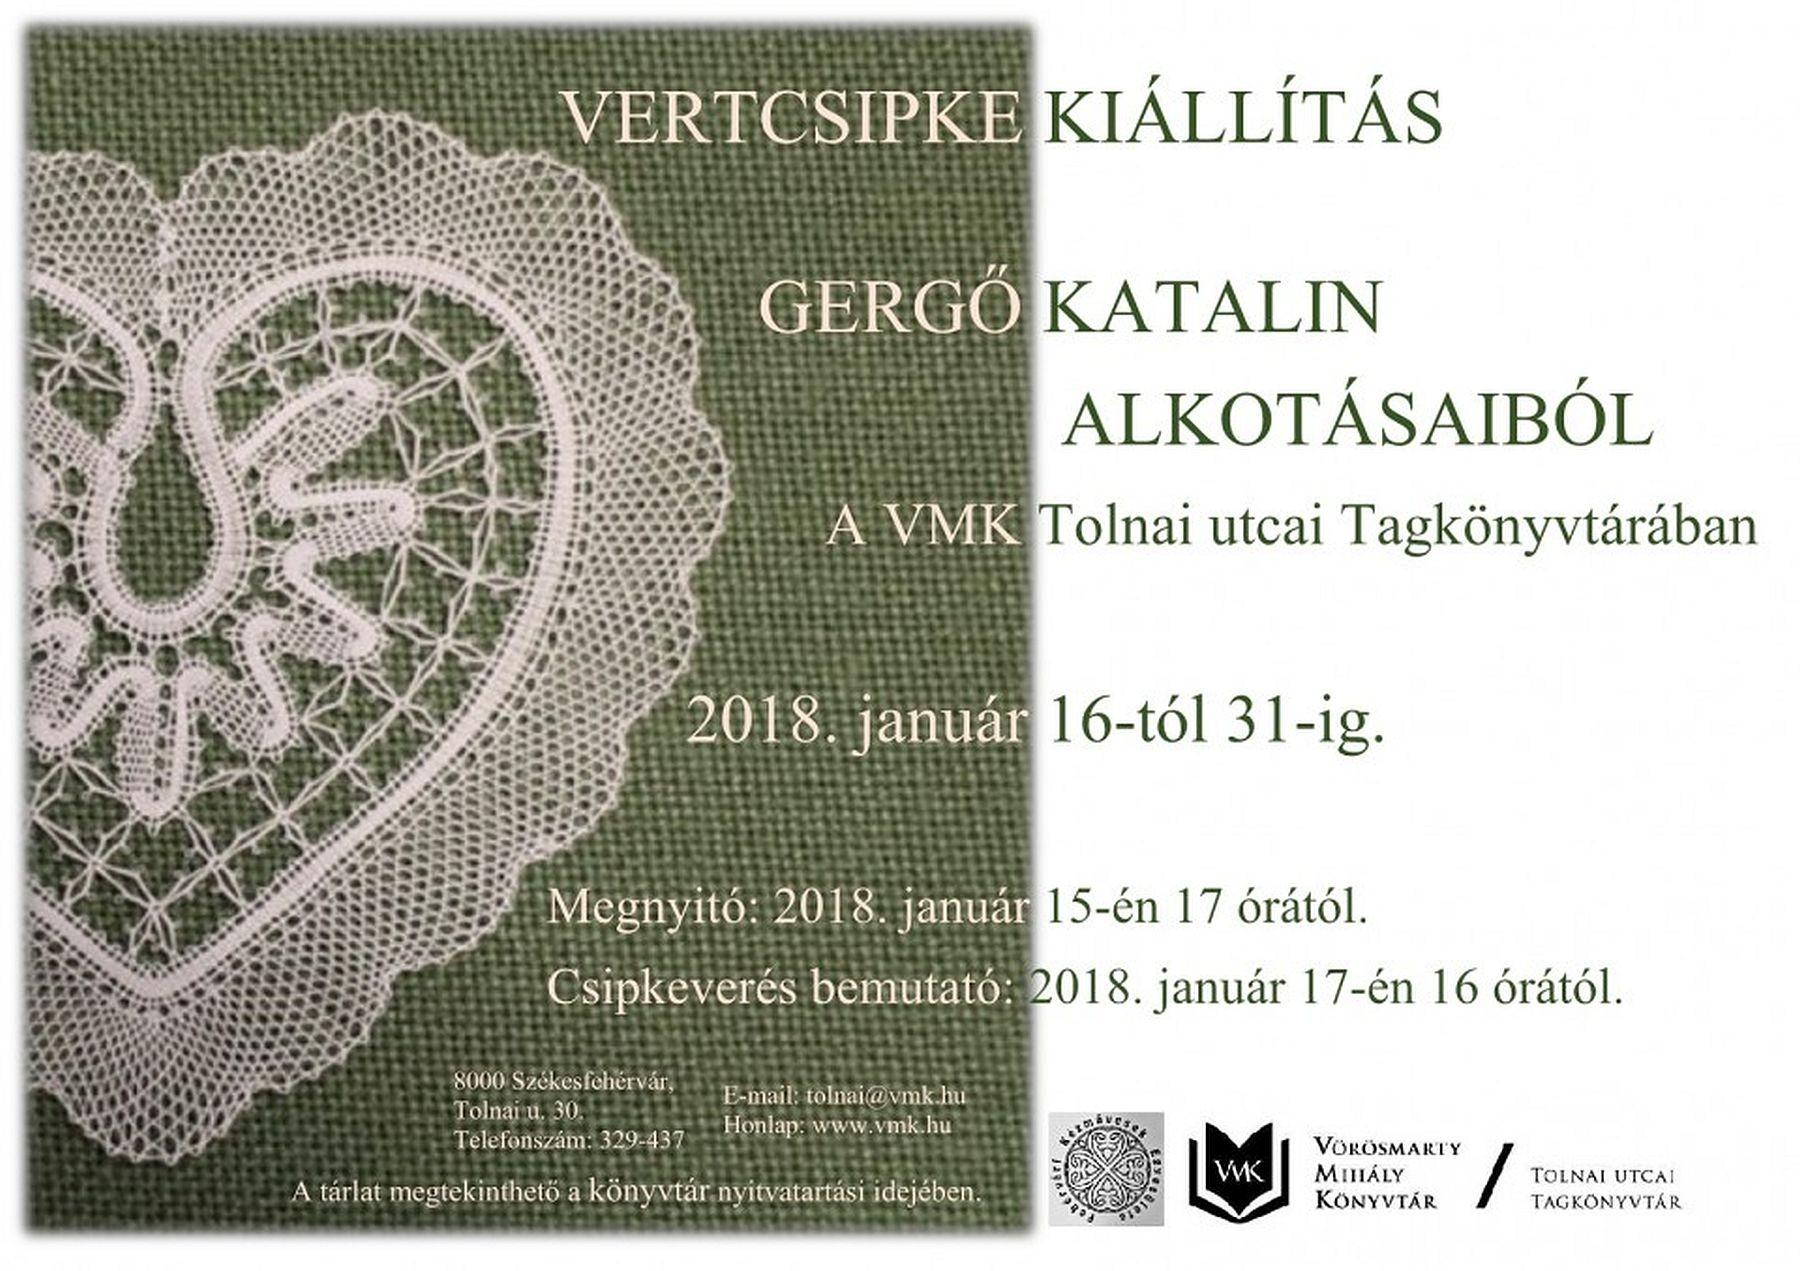 Csipkecsodákból nyílik kiállítás Székesfehérvár Tolnai utcai Tagkönyvtárban